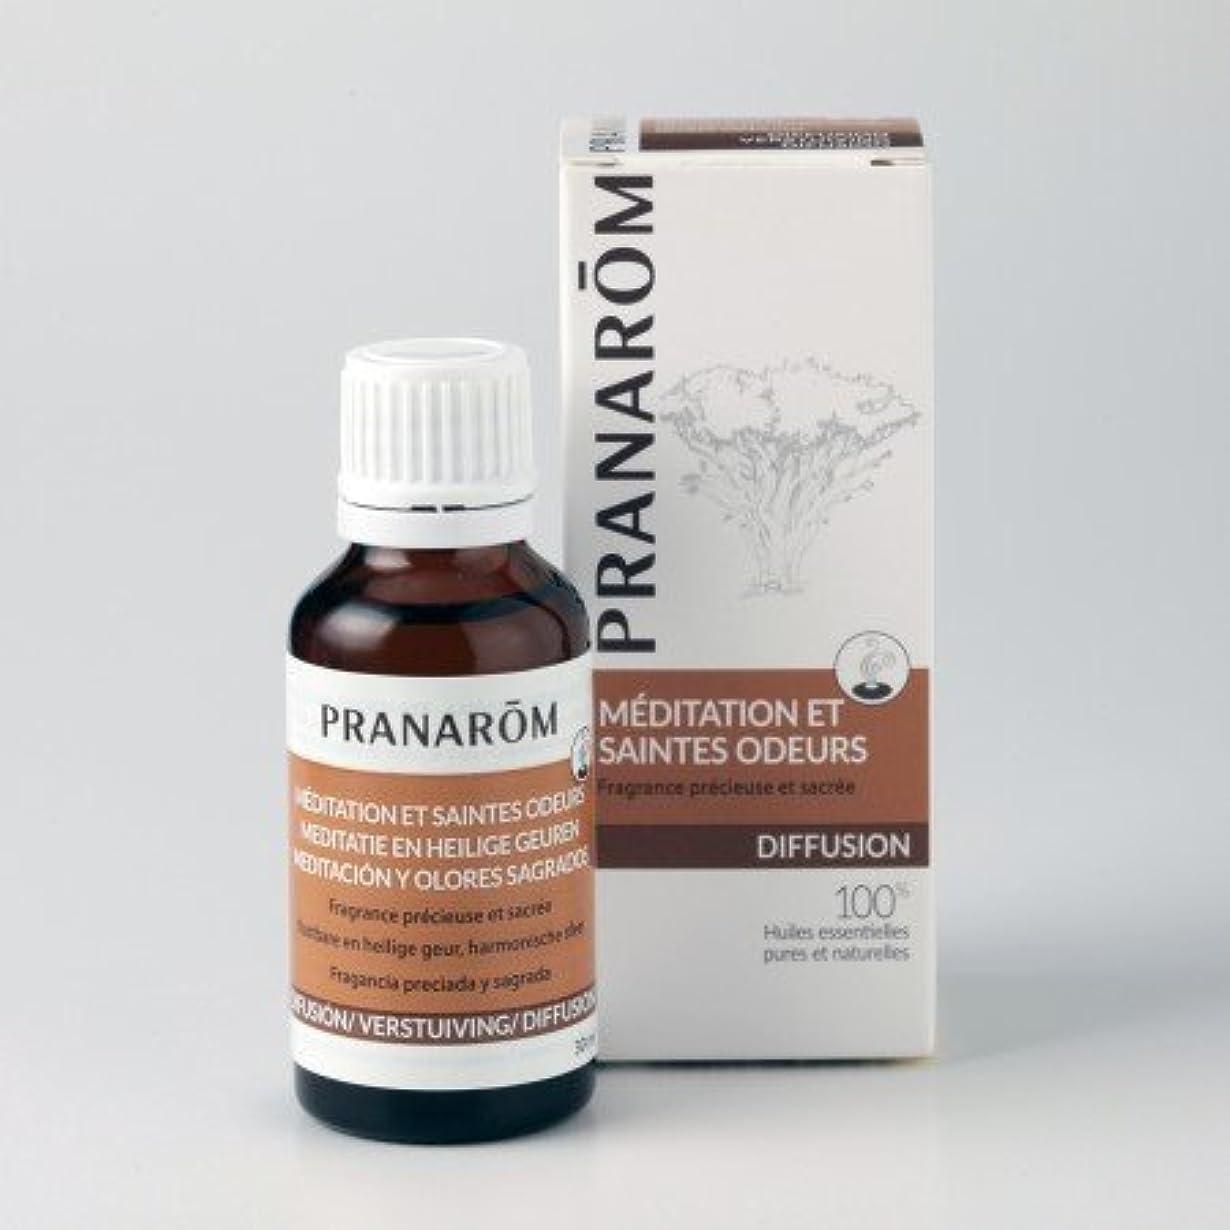 シロナガスクジラ立ち寄る早熟プラナロム ( PRANAROM ) ルームコロン 瞑想へのいざない メディテーション 30ml 02588 エアフレッシュナー ( 芳香剤 )